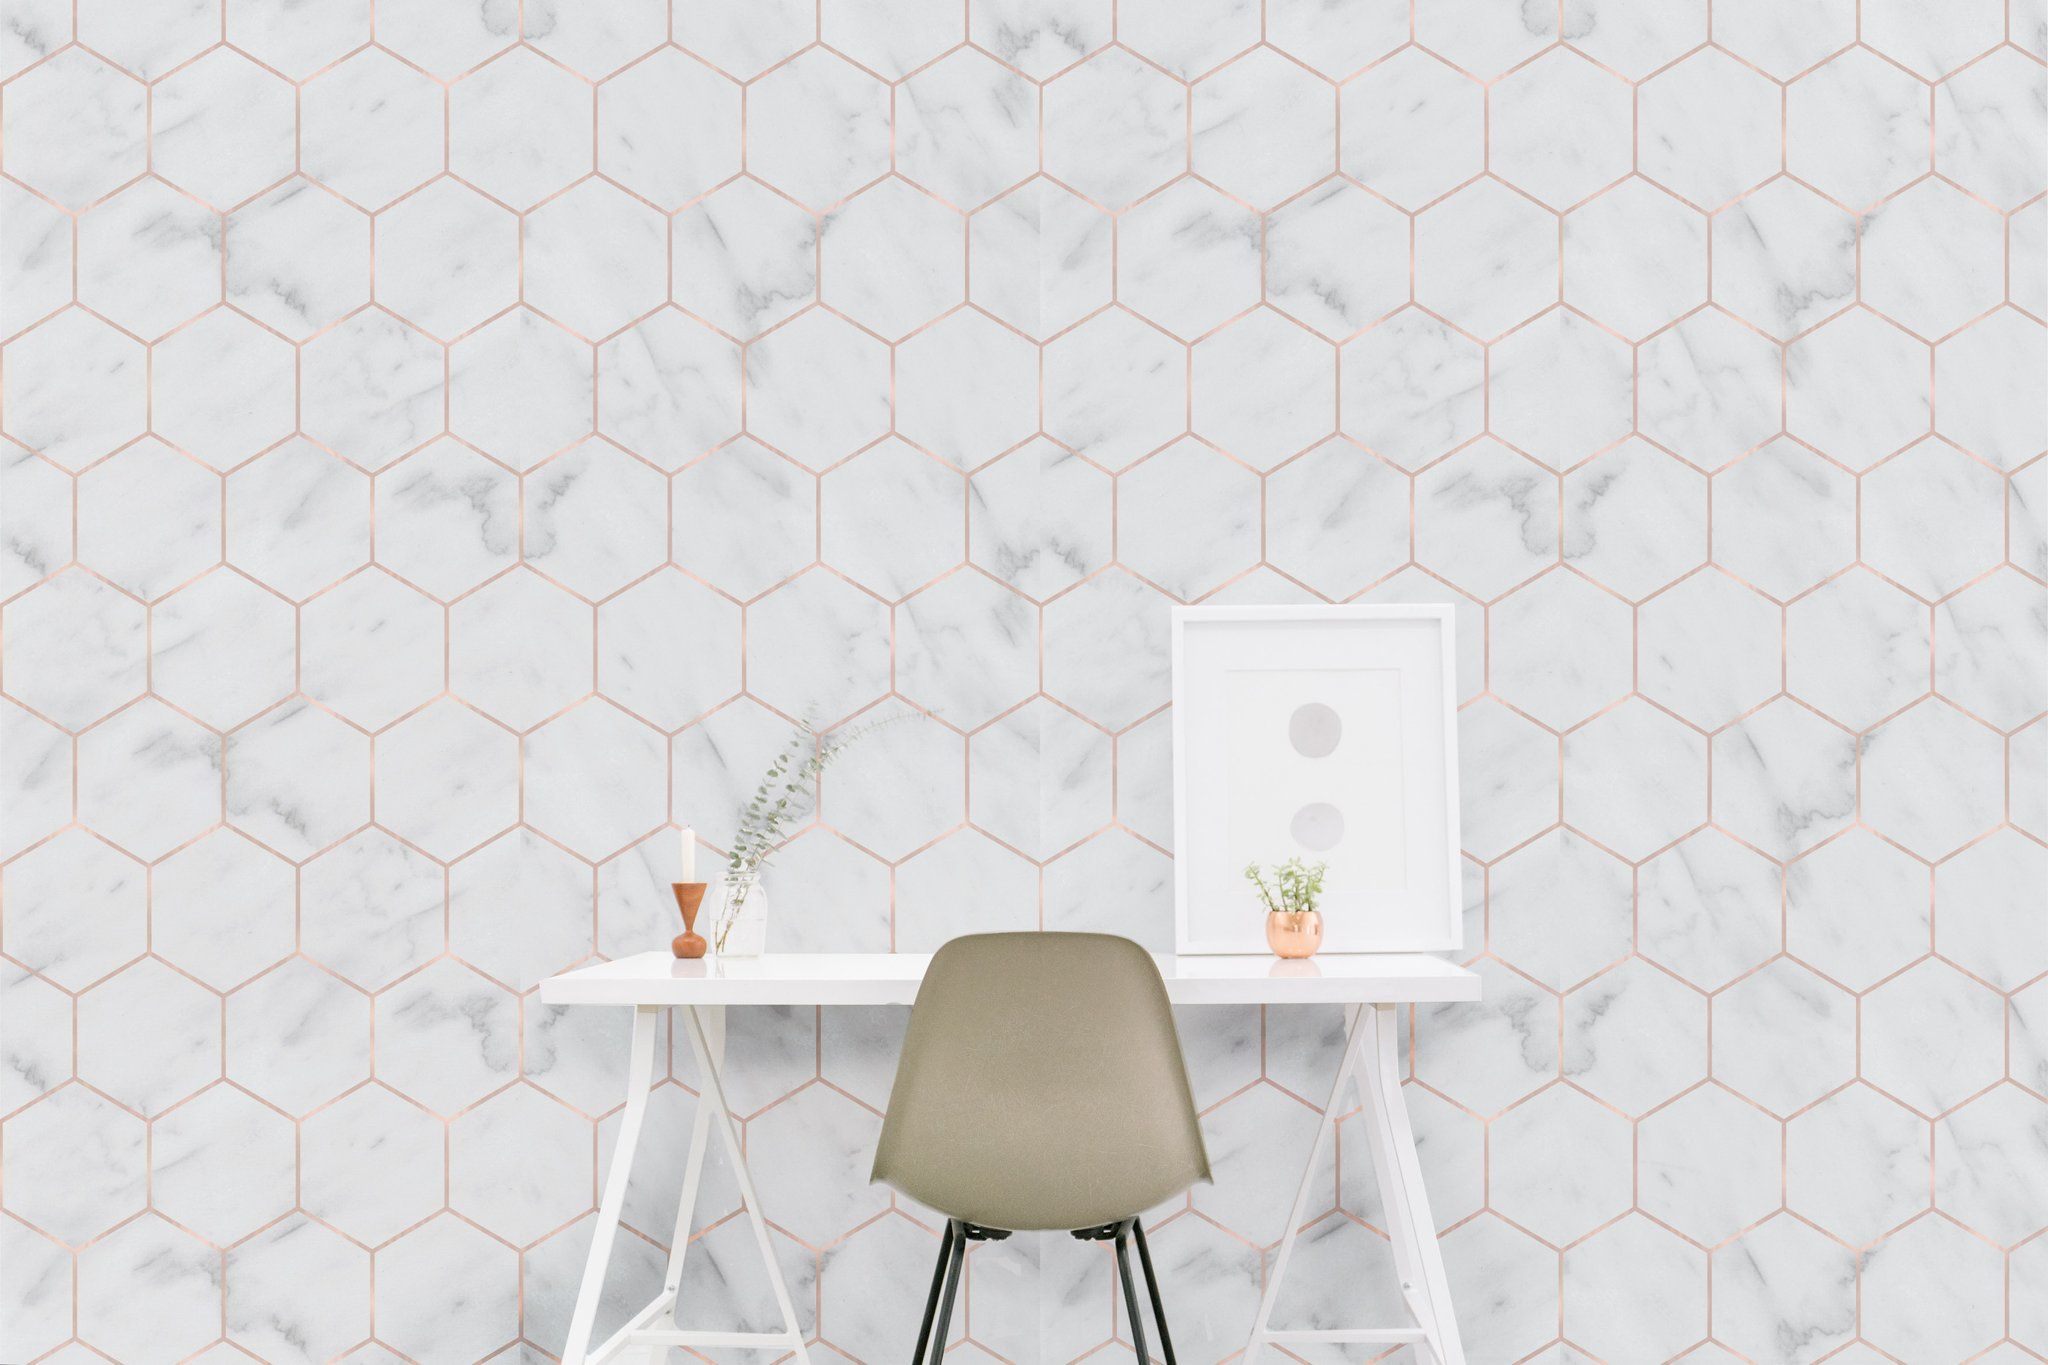 Marble Hexagon Wallpaper Hexagon Wallpaper Bathroom Wallpaper Trends Trending Decor